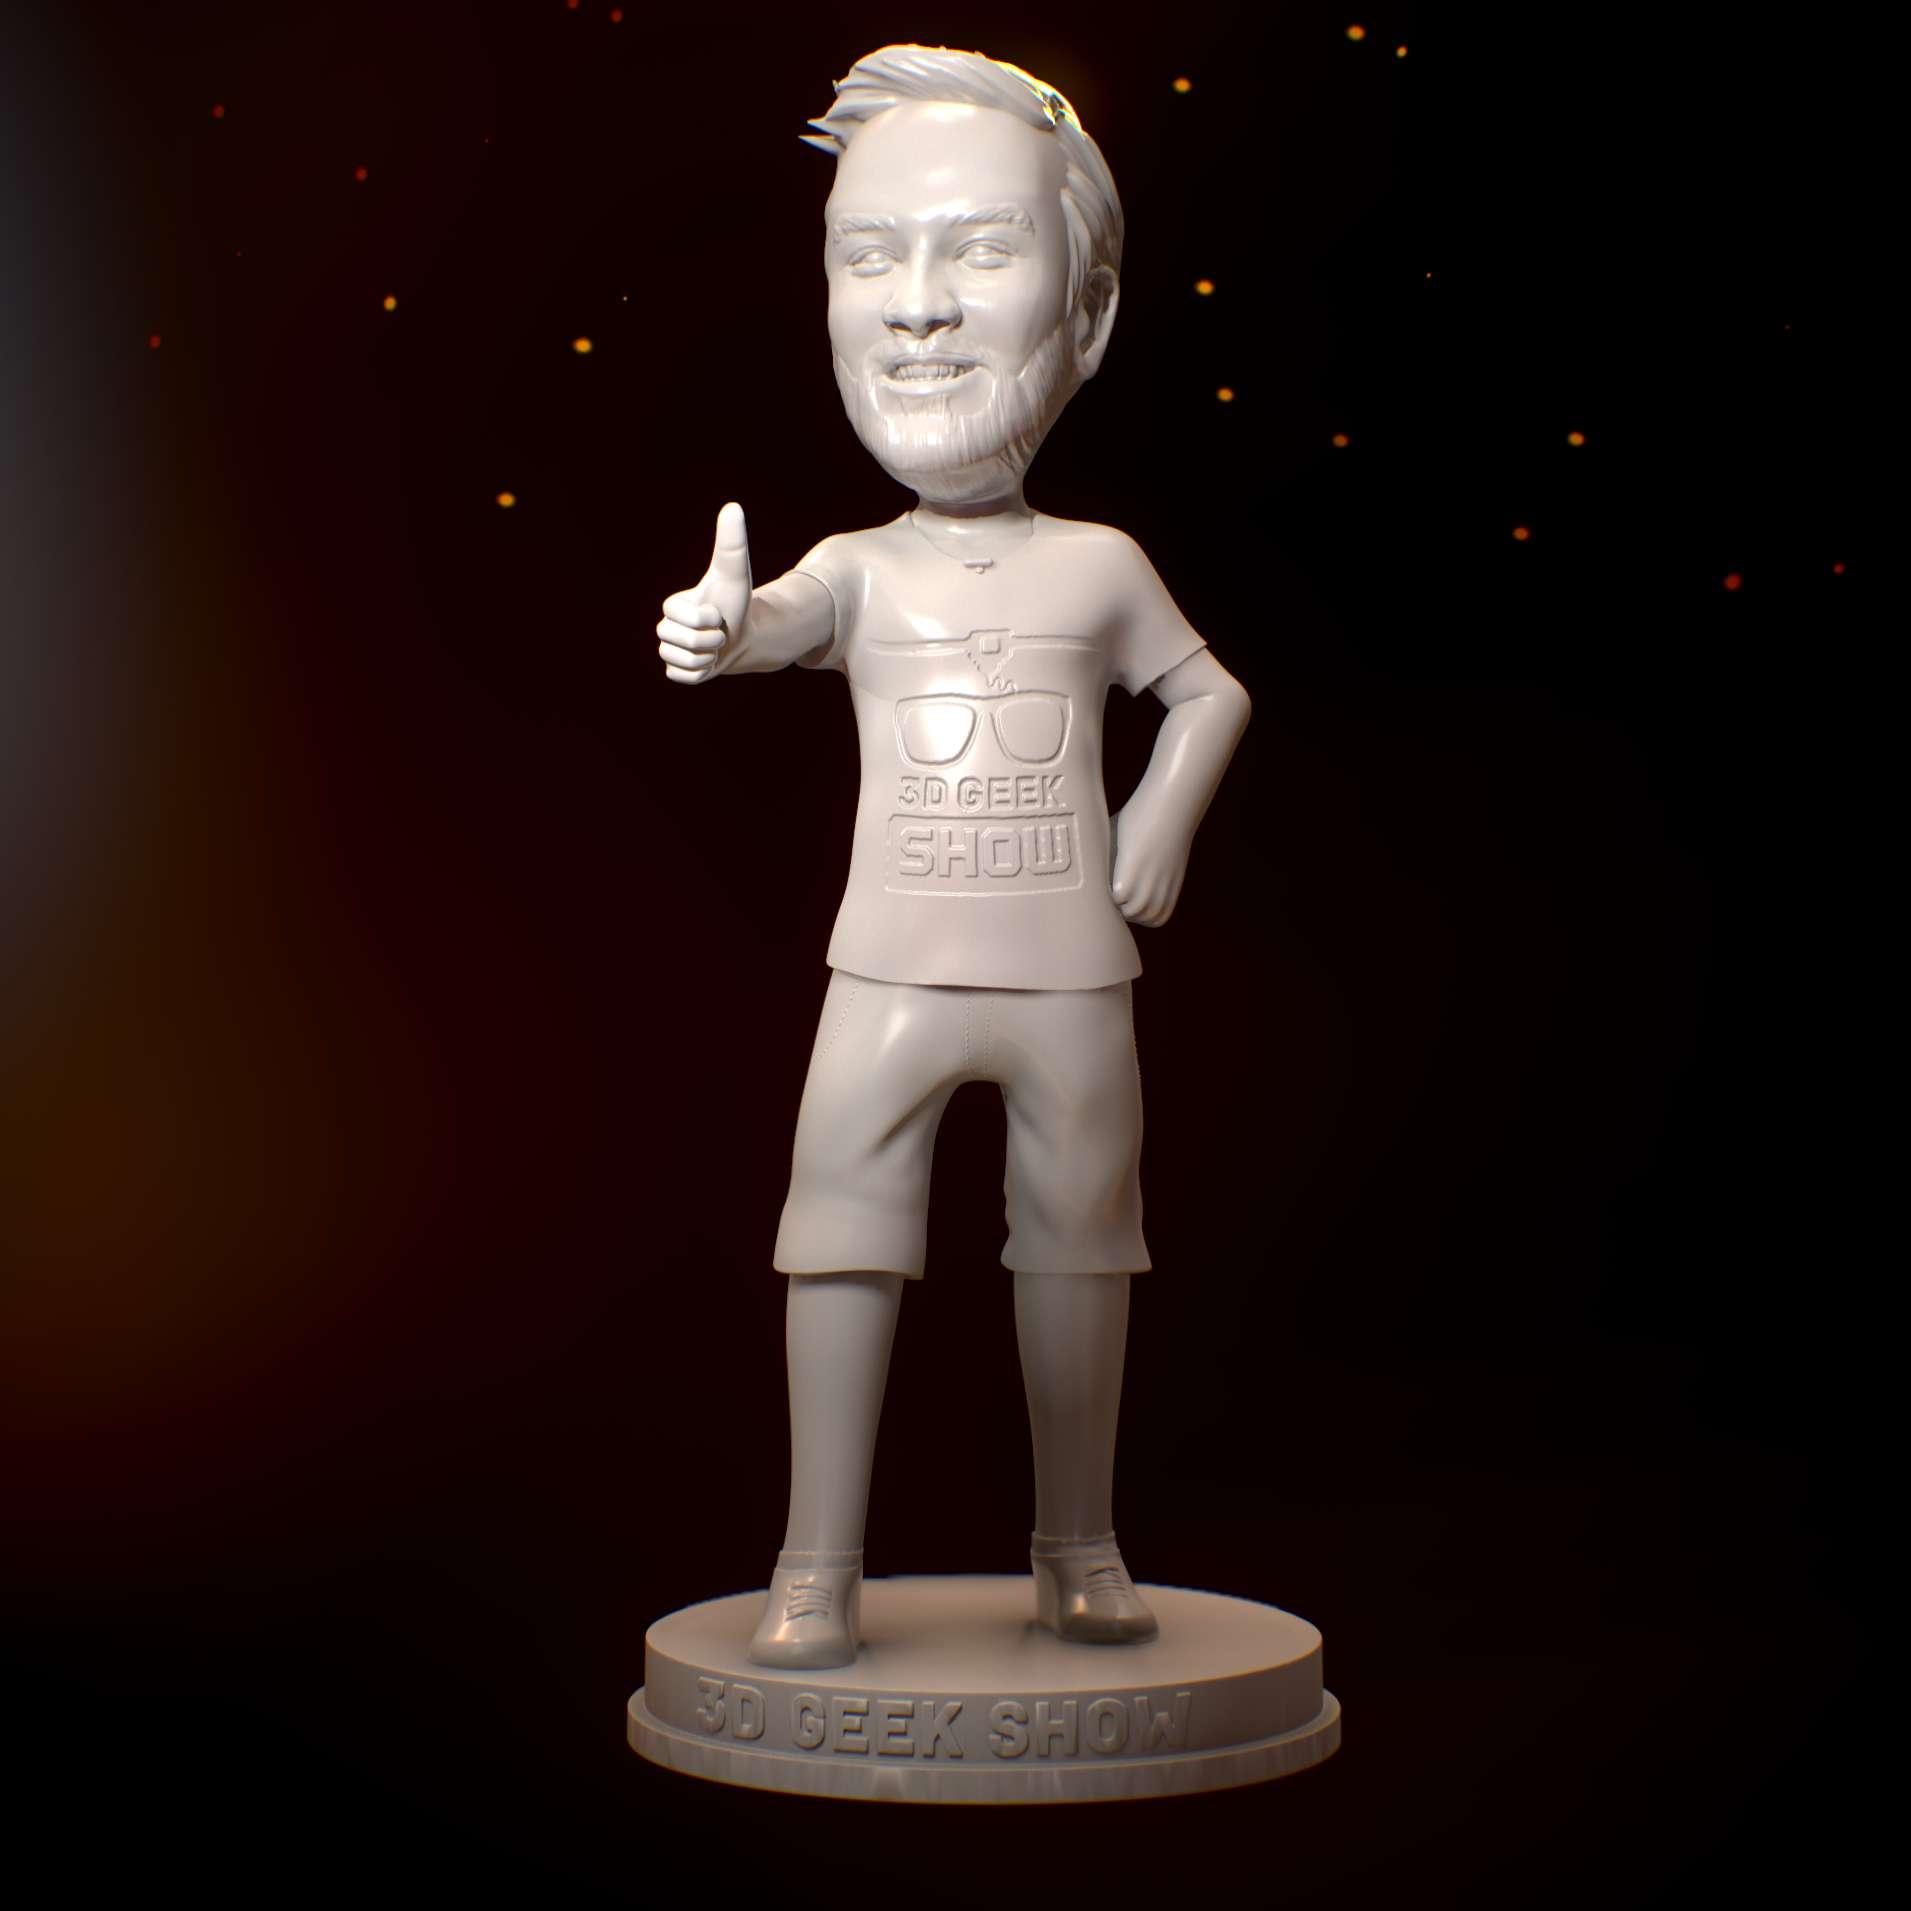 Murilo Laffranchi 3D Geek Show - Modelo do brasileiro Murilo Laffranchi, do canal 3D Geek Show, que está sempre ajudando a comunidade de impressão 3D! - Los mejores archivos para impresión 3D del mundo. Modelos Stl divididos en partes para facilitar la impresión 3D. Todo tipo de personajes, decoración, cosplay, prótesis, piezas. Calidad en impresión 3D. Modelos 3D asequibles. Bajo costo. Compras colectivas de archivos 3D.